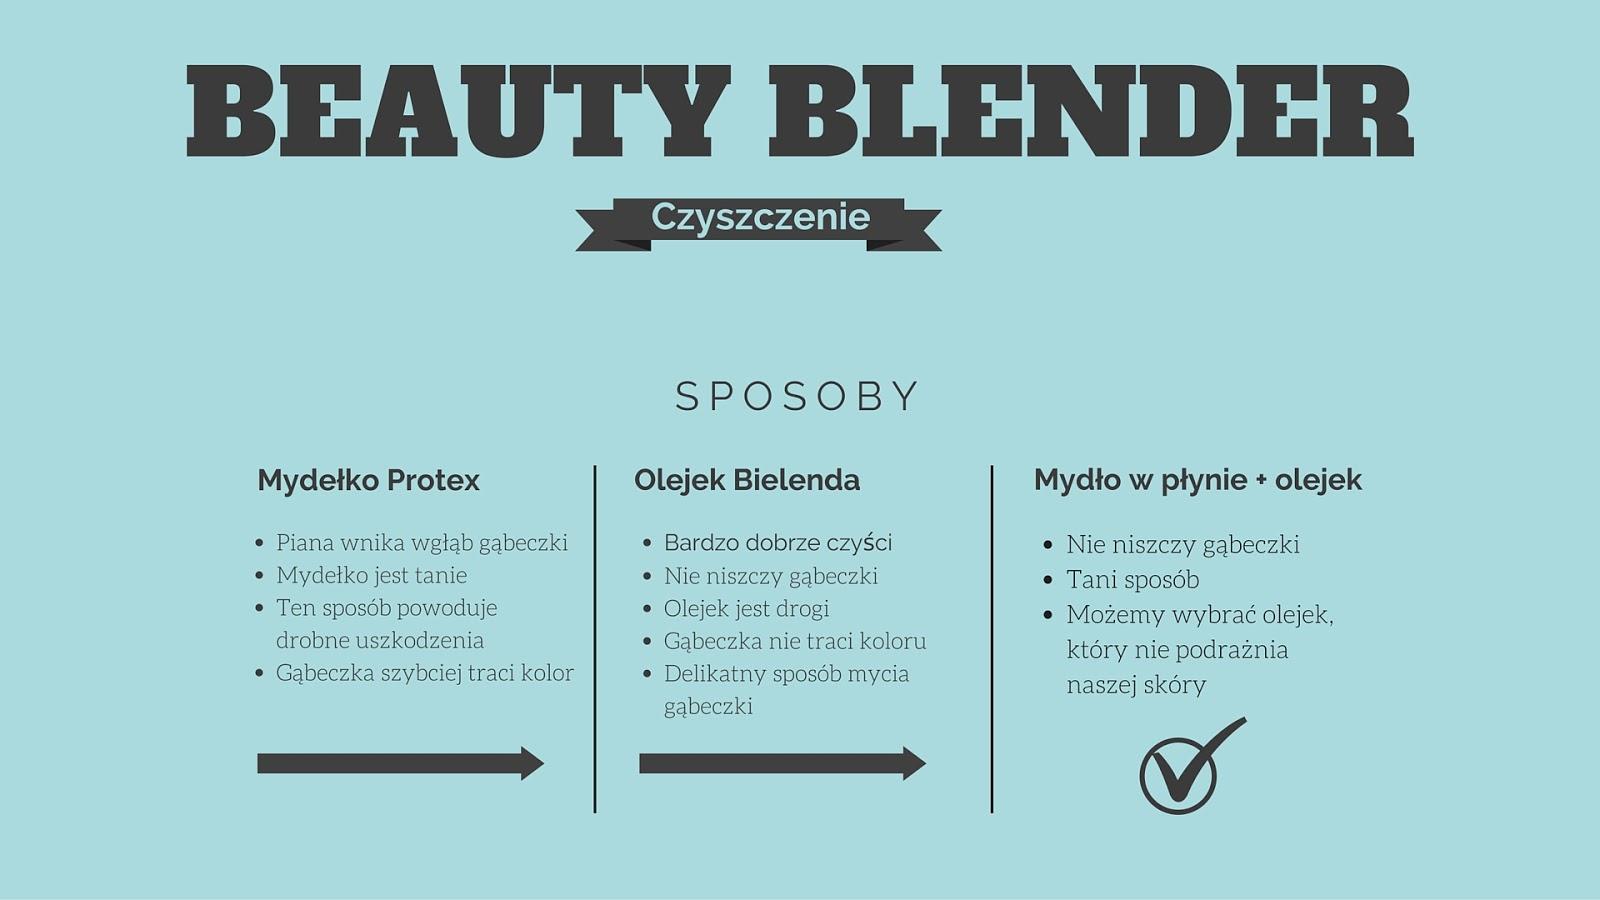 Jak i czym czyścić Beauty Blender